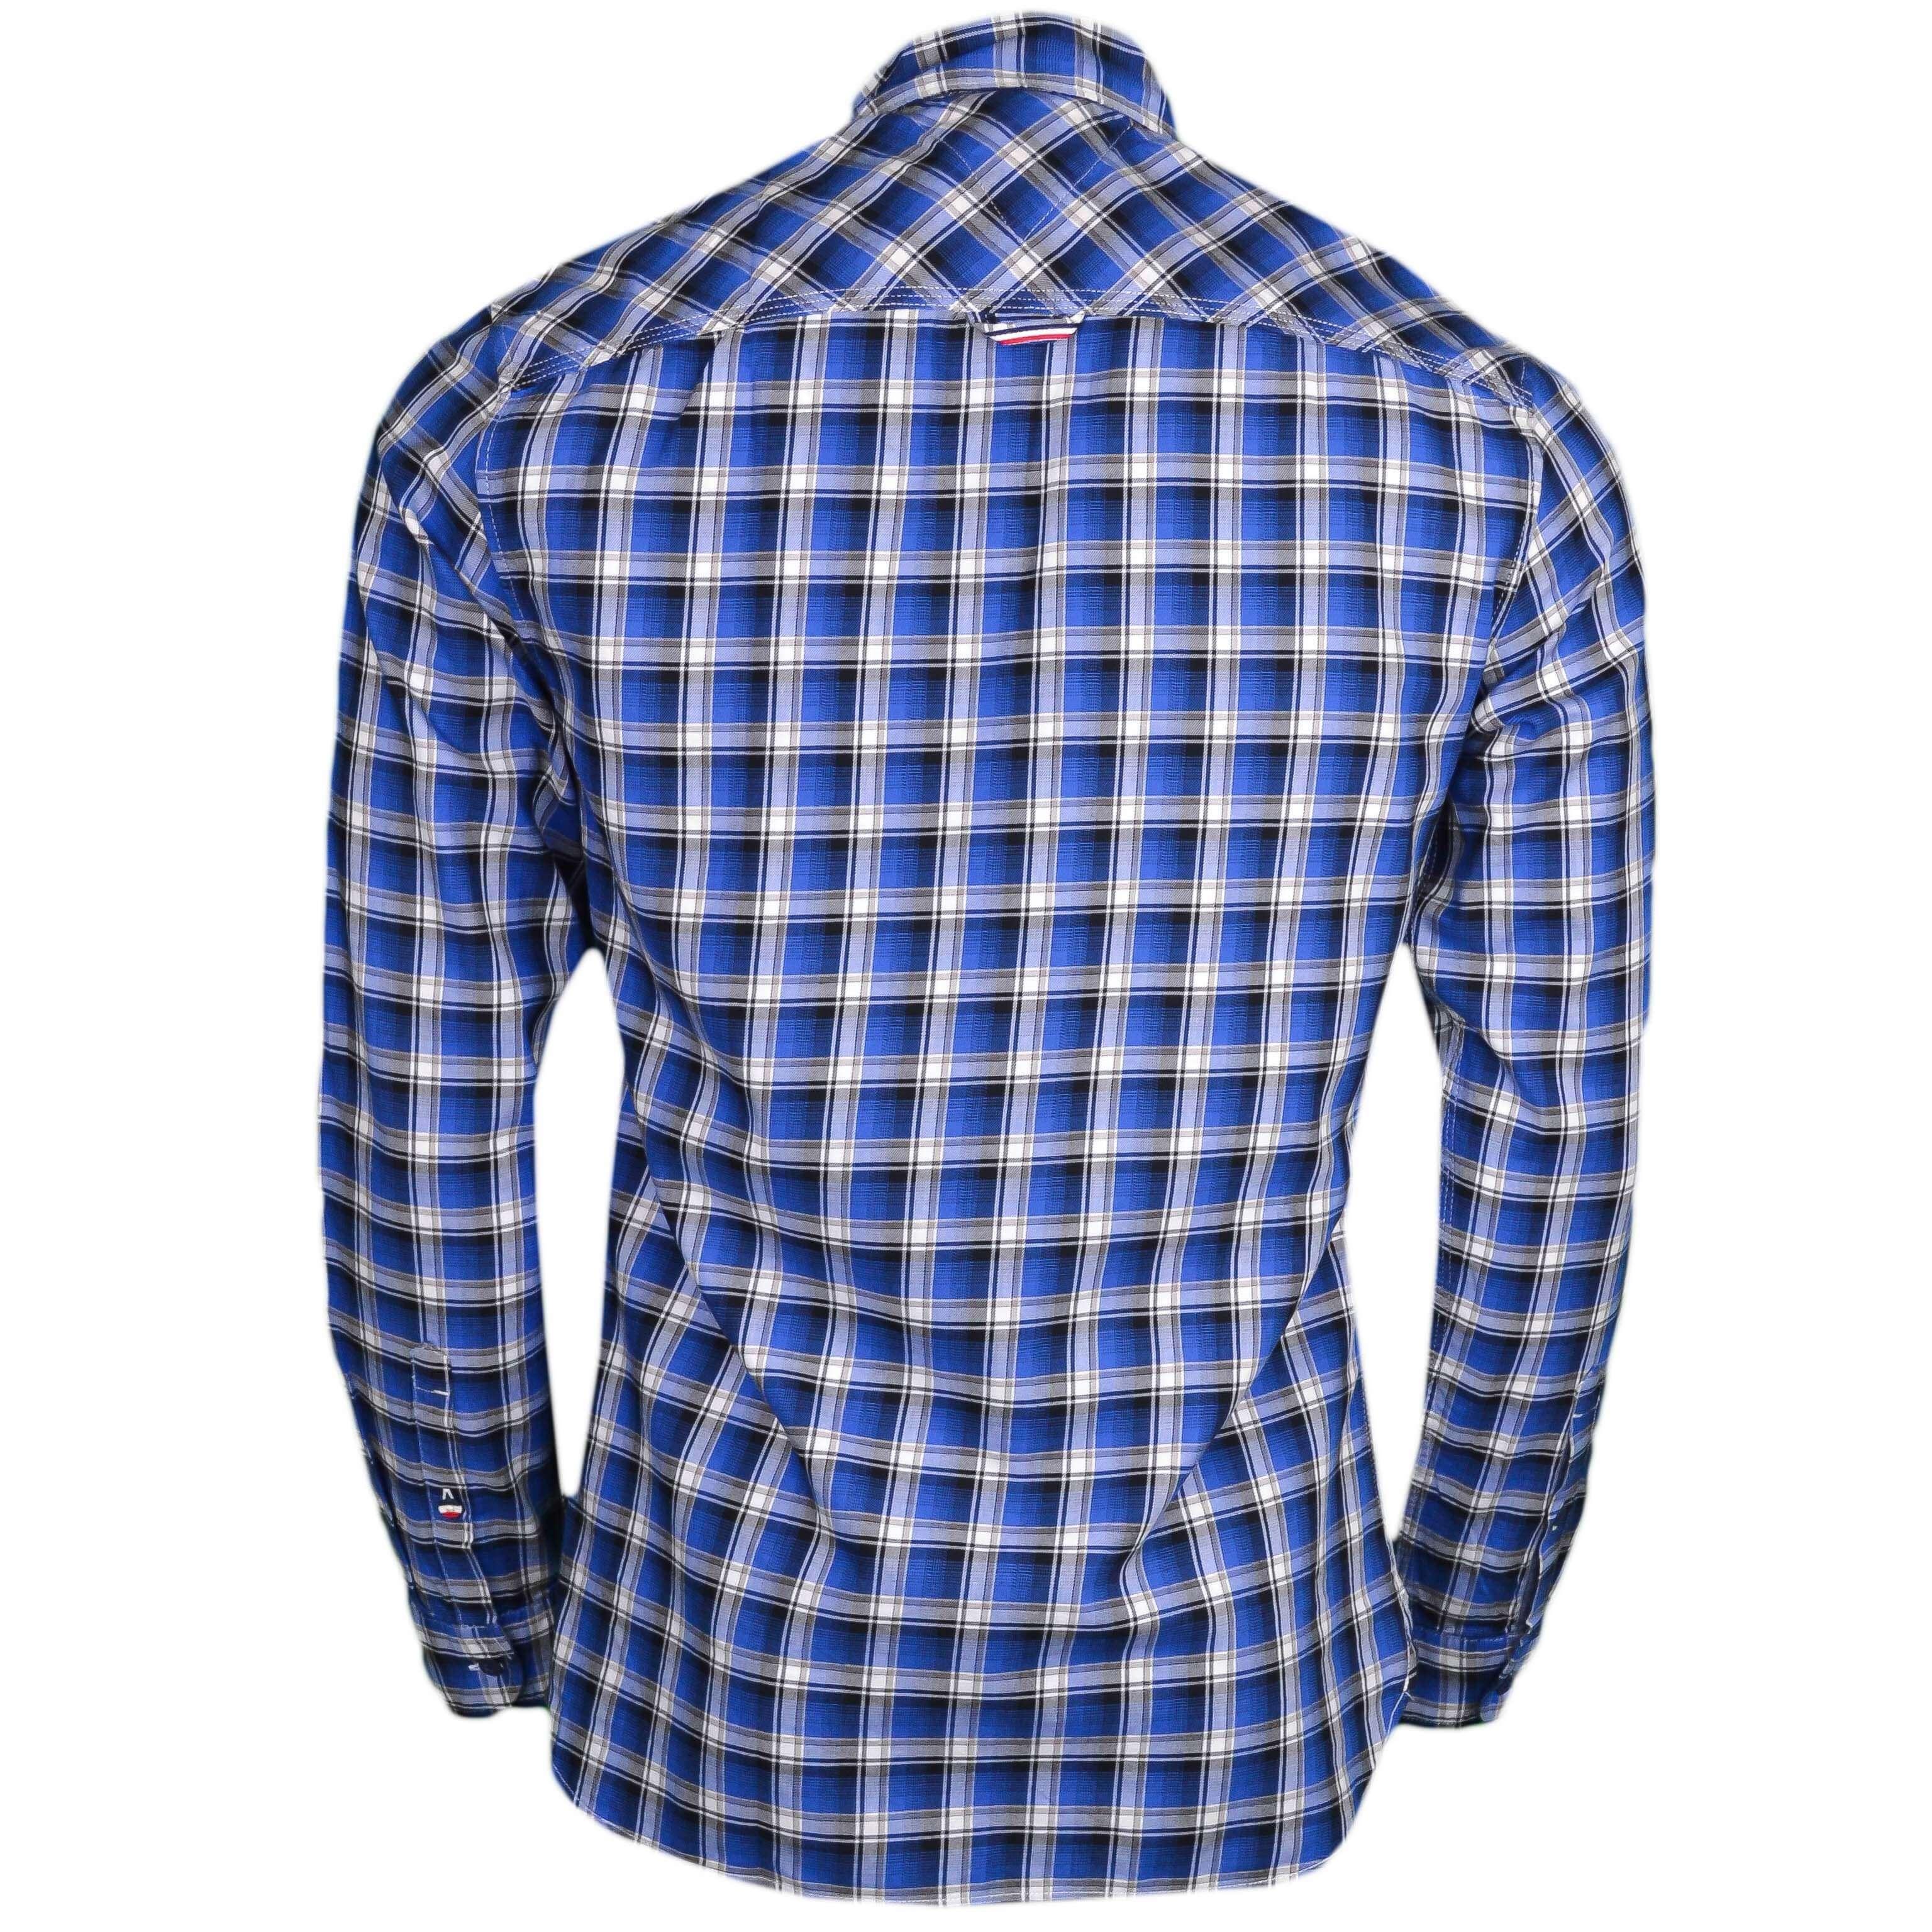 très convoité gamme de rétro vente chaude en ligne Chemise Tommy Jeans à carreaux bleu slim fit pour homme - Toujours ...